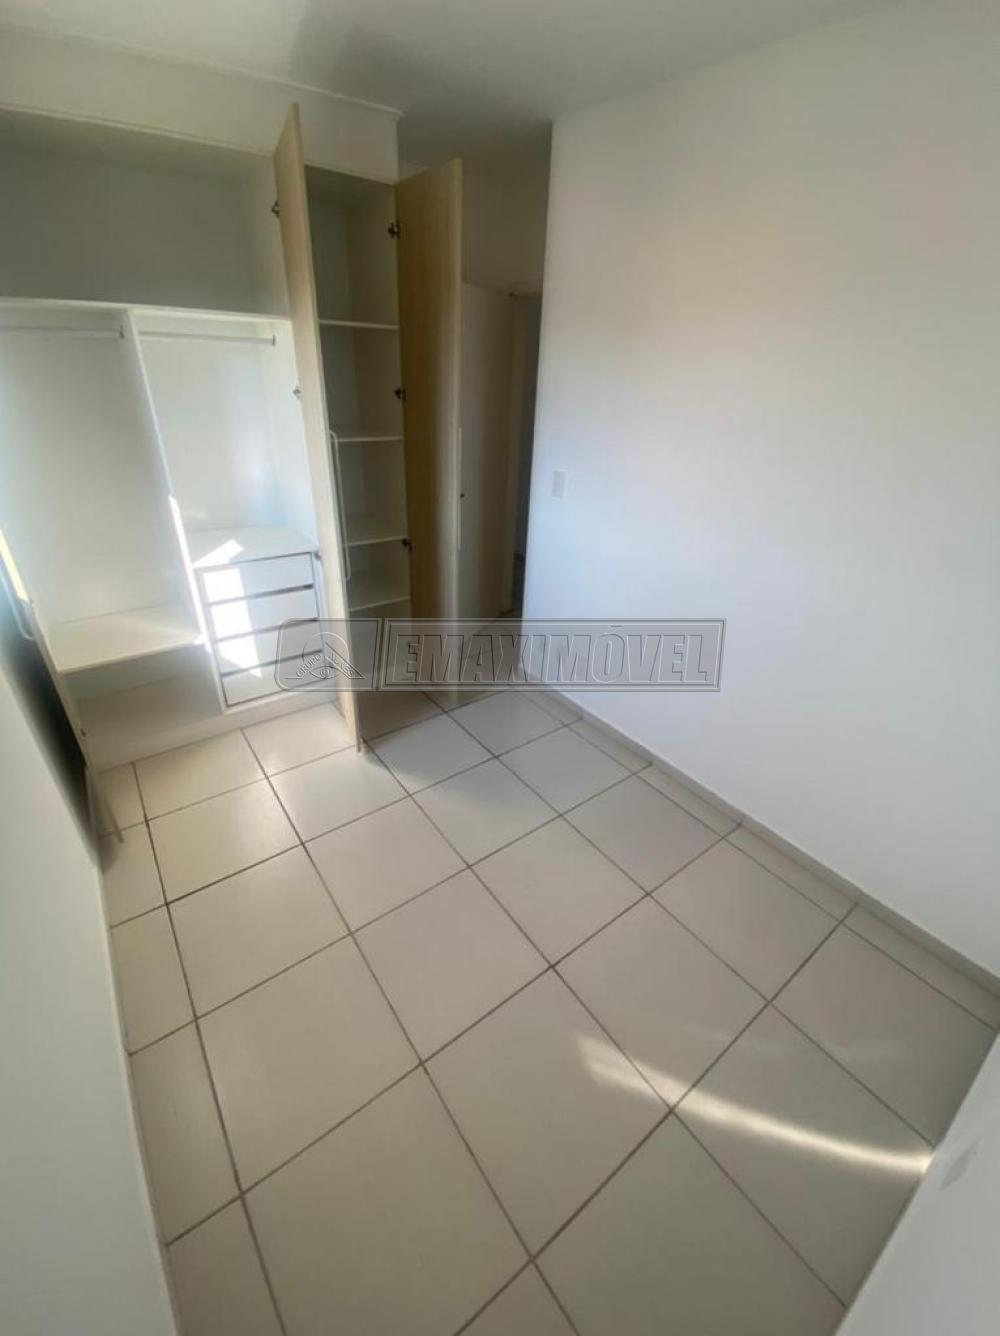 Alugar Casa / em Condomínios em Votorantim R$ 1.200,00 - Foto 8